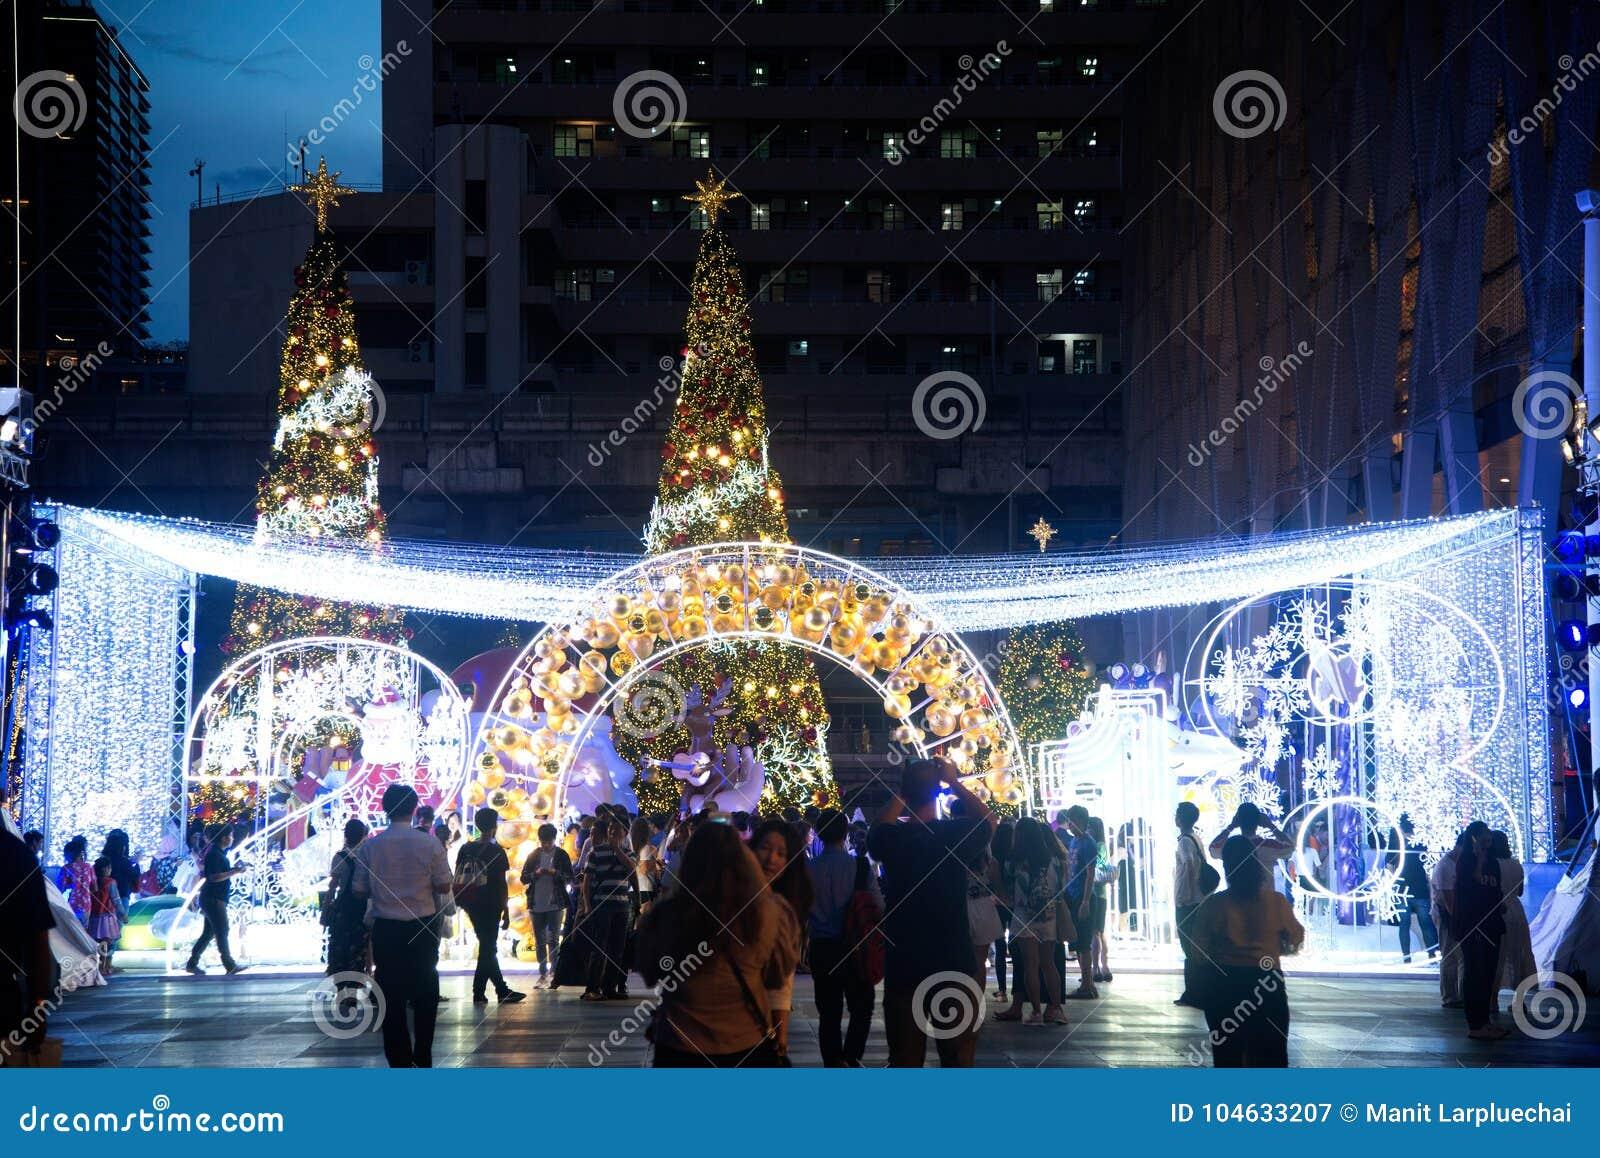 Download Het Licht Verfraait Mooi Op Kerstboomviering Redactionele Fotografie - Afbeelding bestaande uit stad, cityscape: 104633207